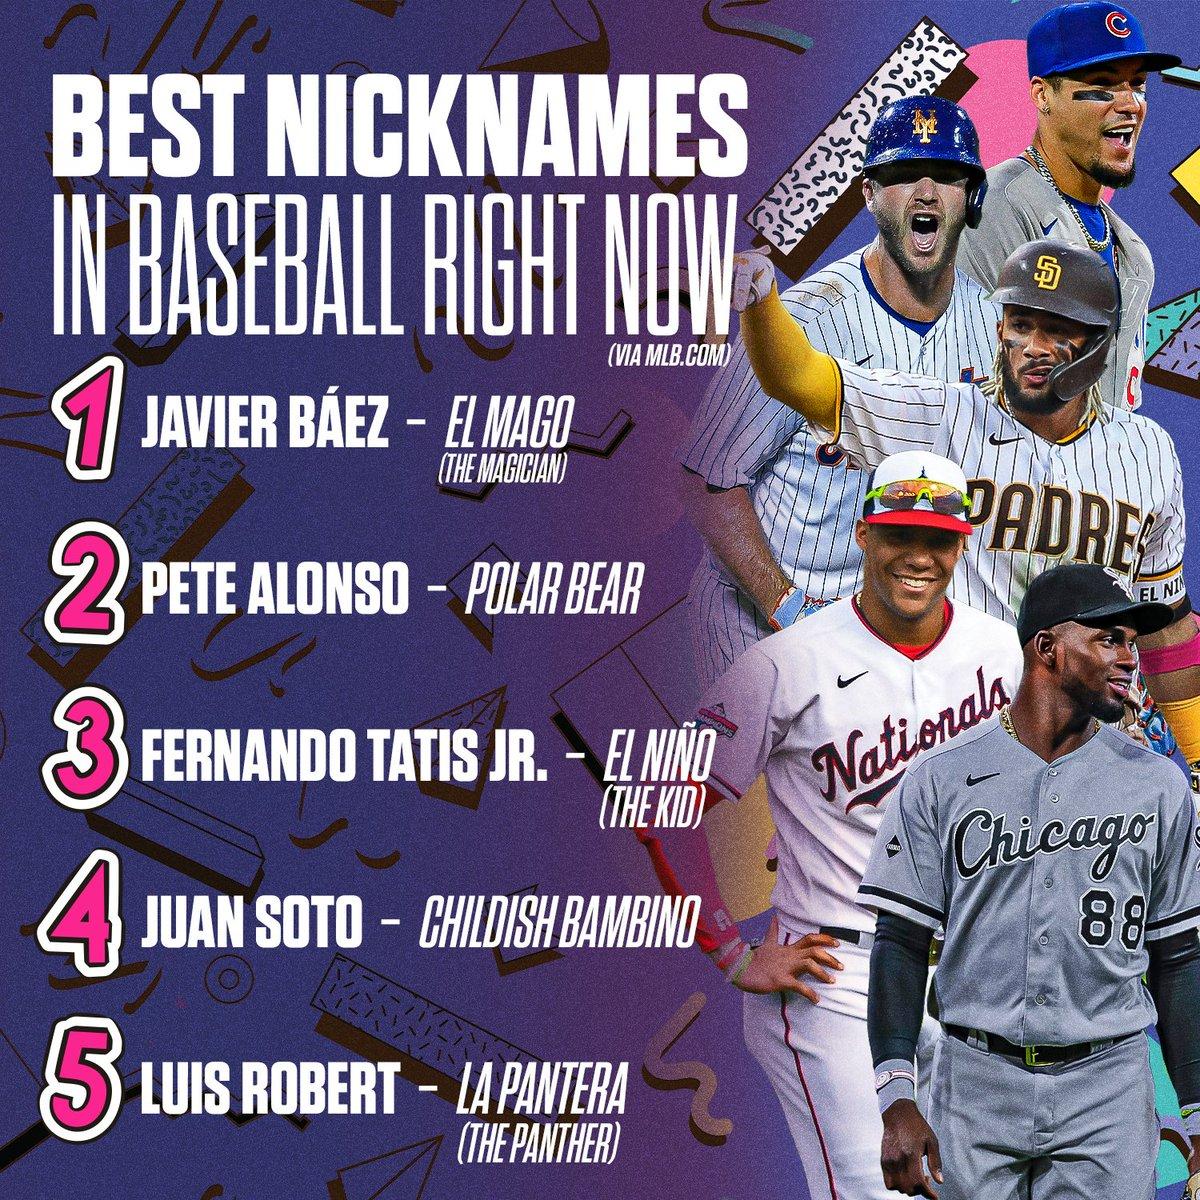 Replying to @Cut4: Sooooooo, what's the best nickname in baseball?